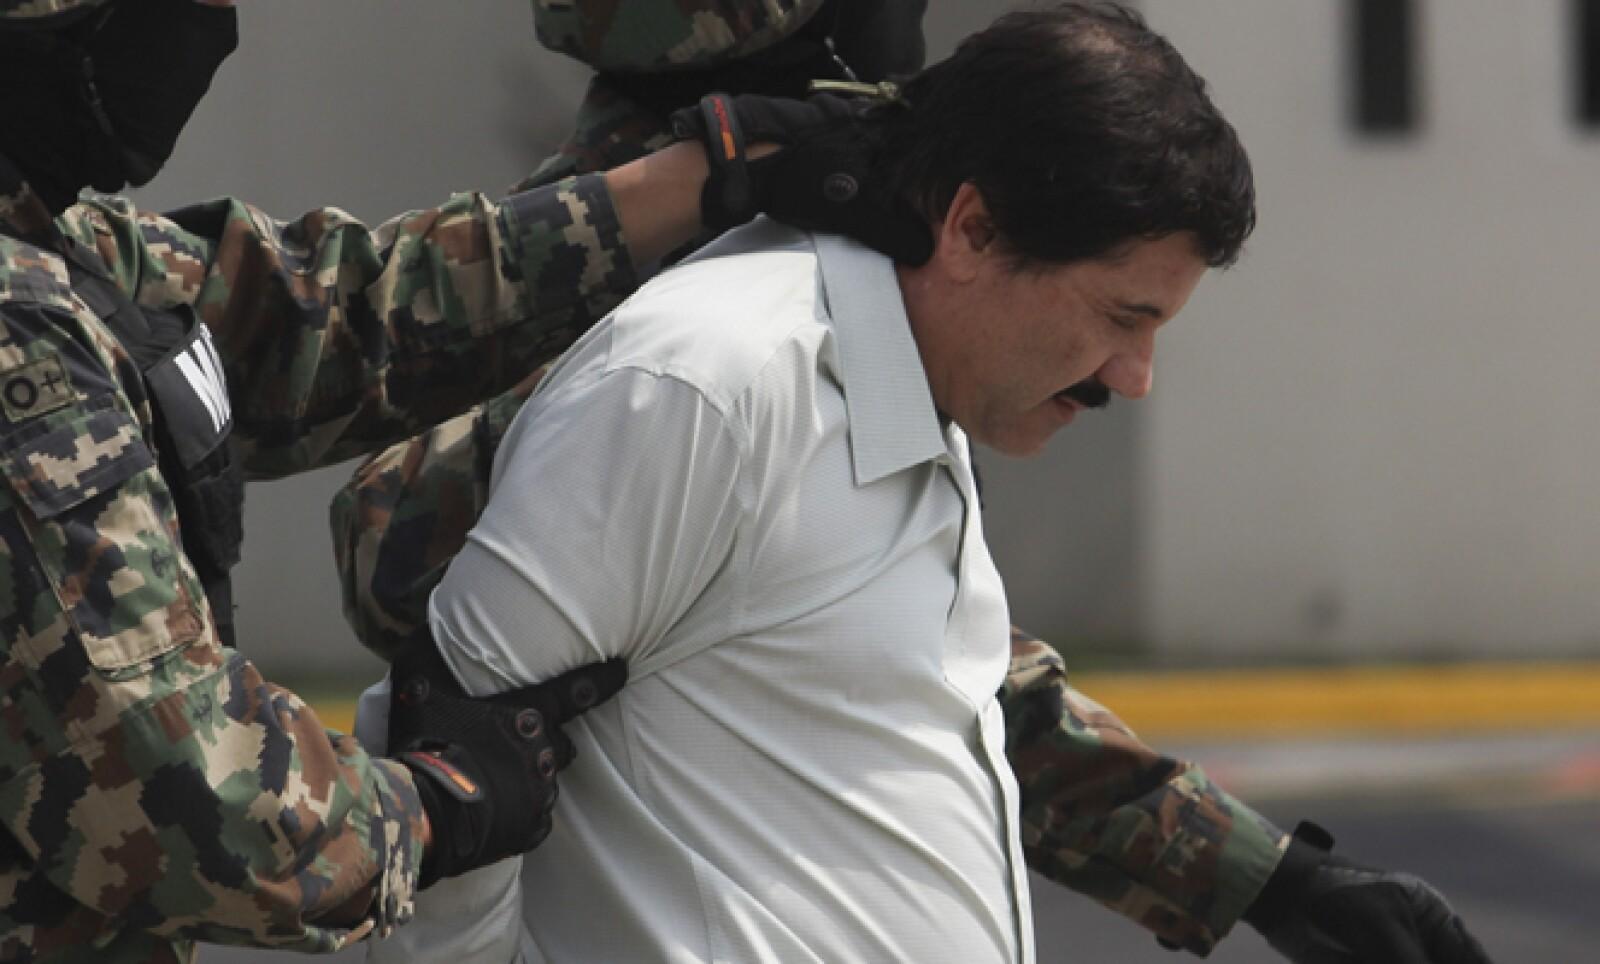 Las autoridades confirmaron que se trataba del verdadero Chapo tras realziar algunas pruebas